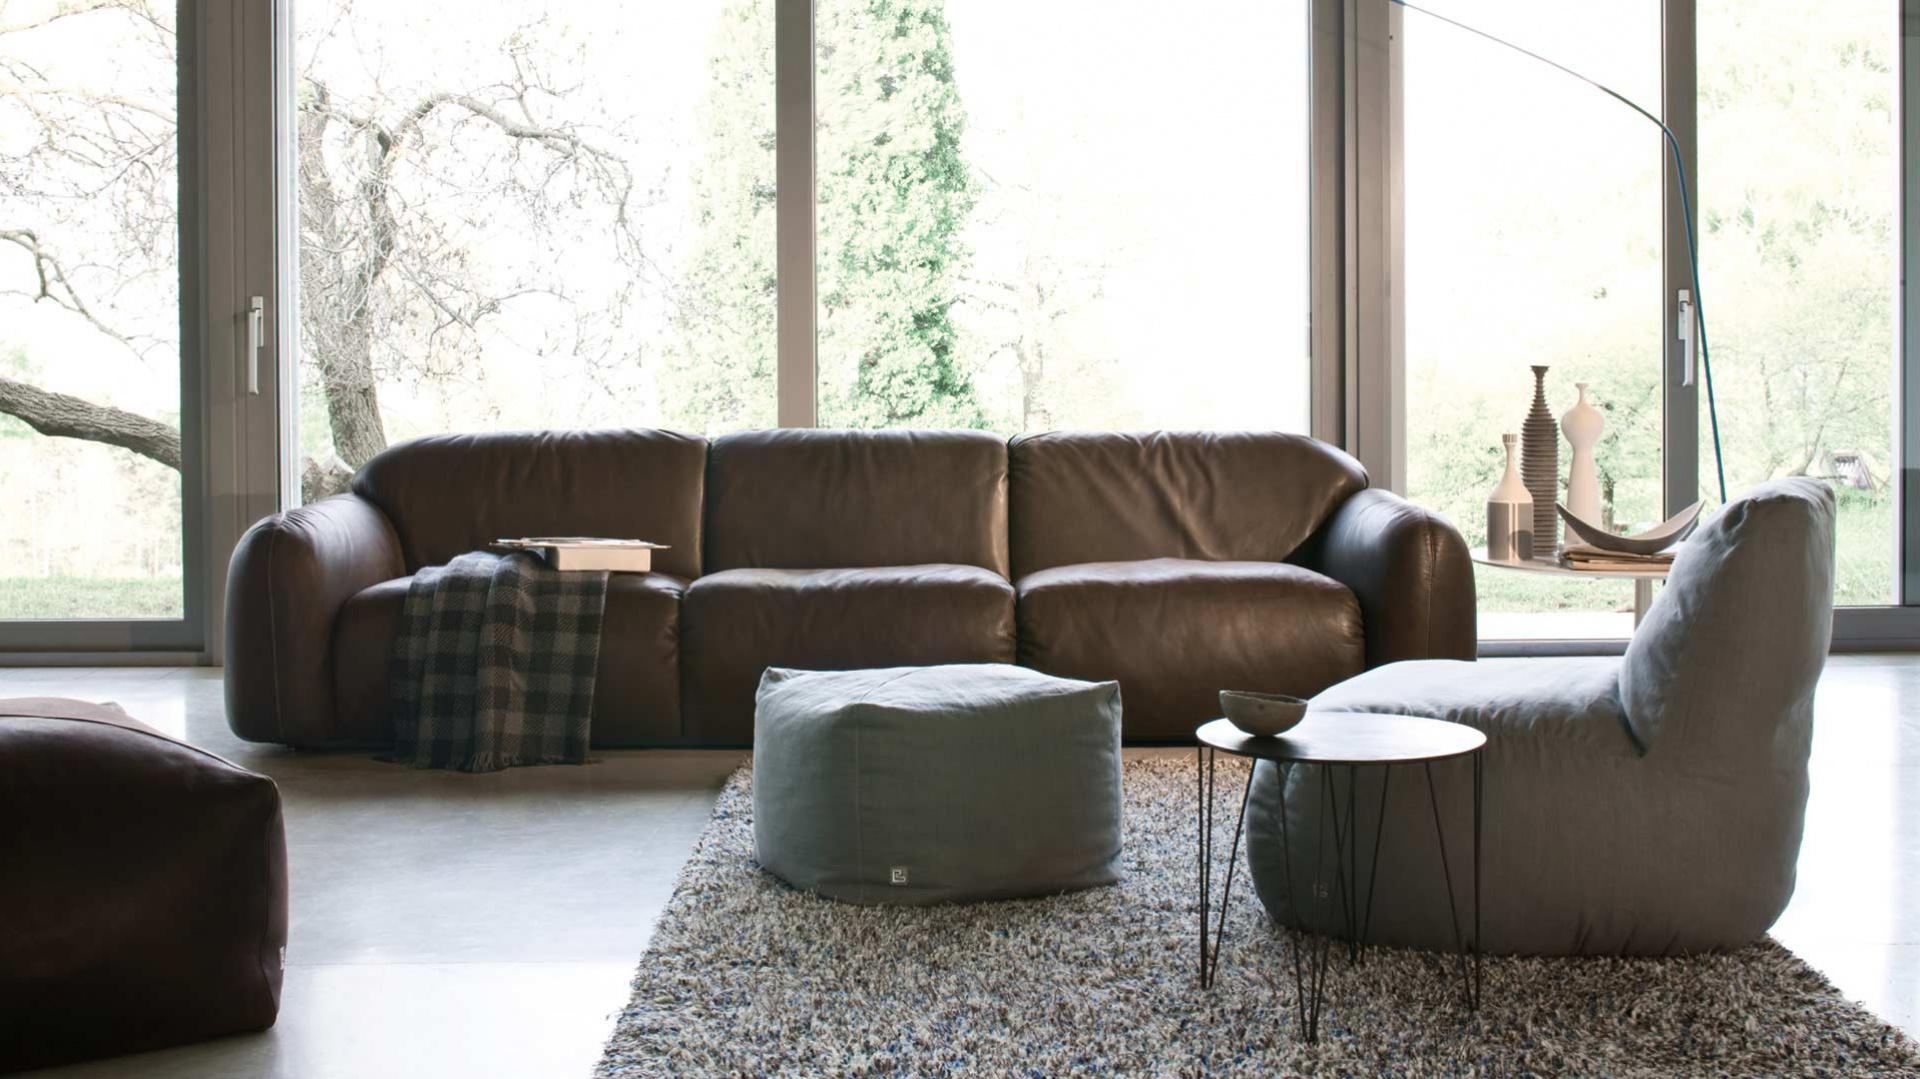 Klasyczna, skórzana, brązowa kanapa w każdym wnętrzu prezentuje się doskonale. Fot. Busnelli.